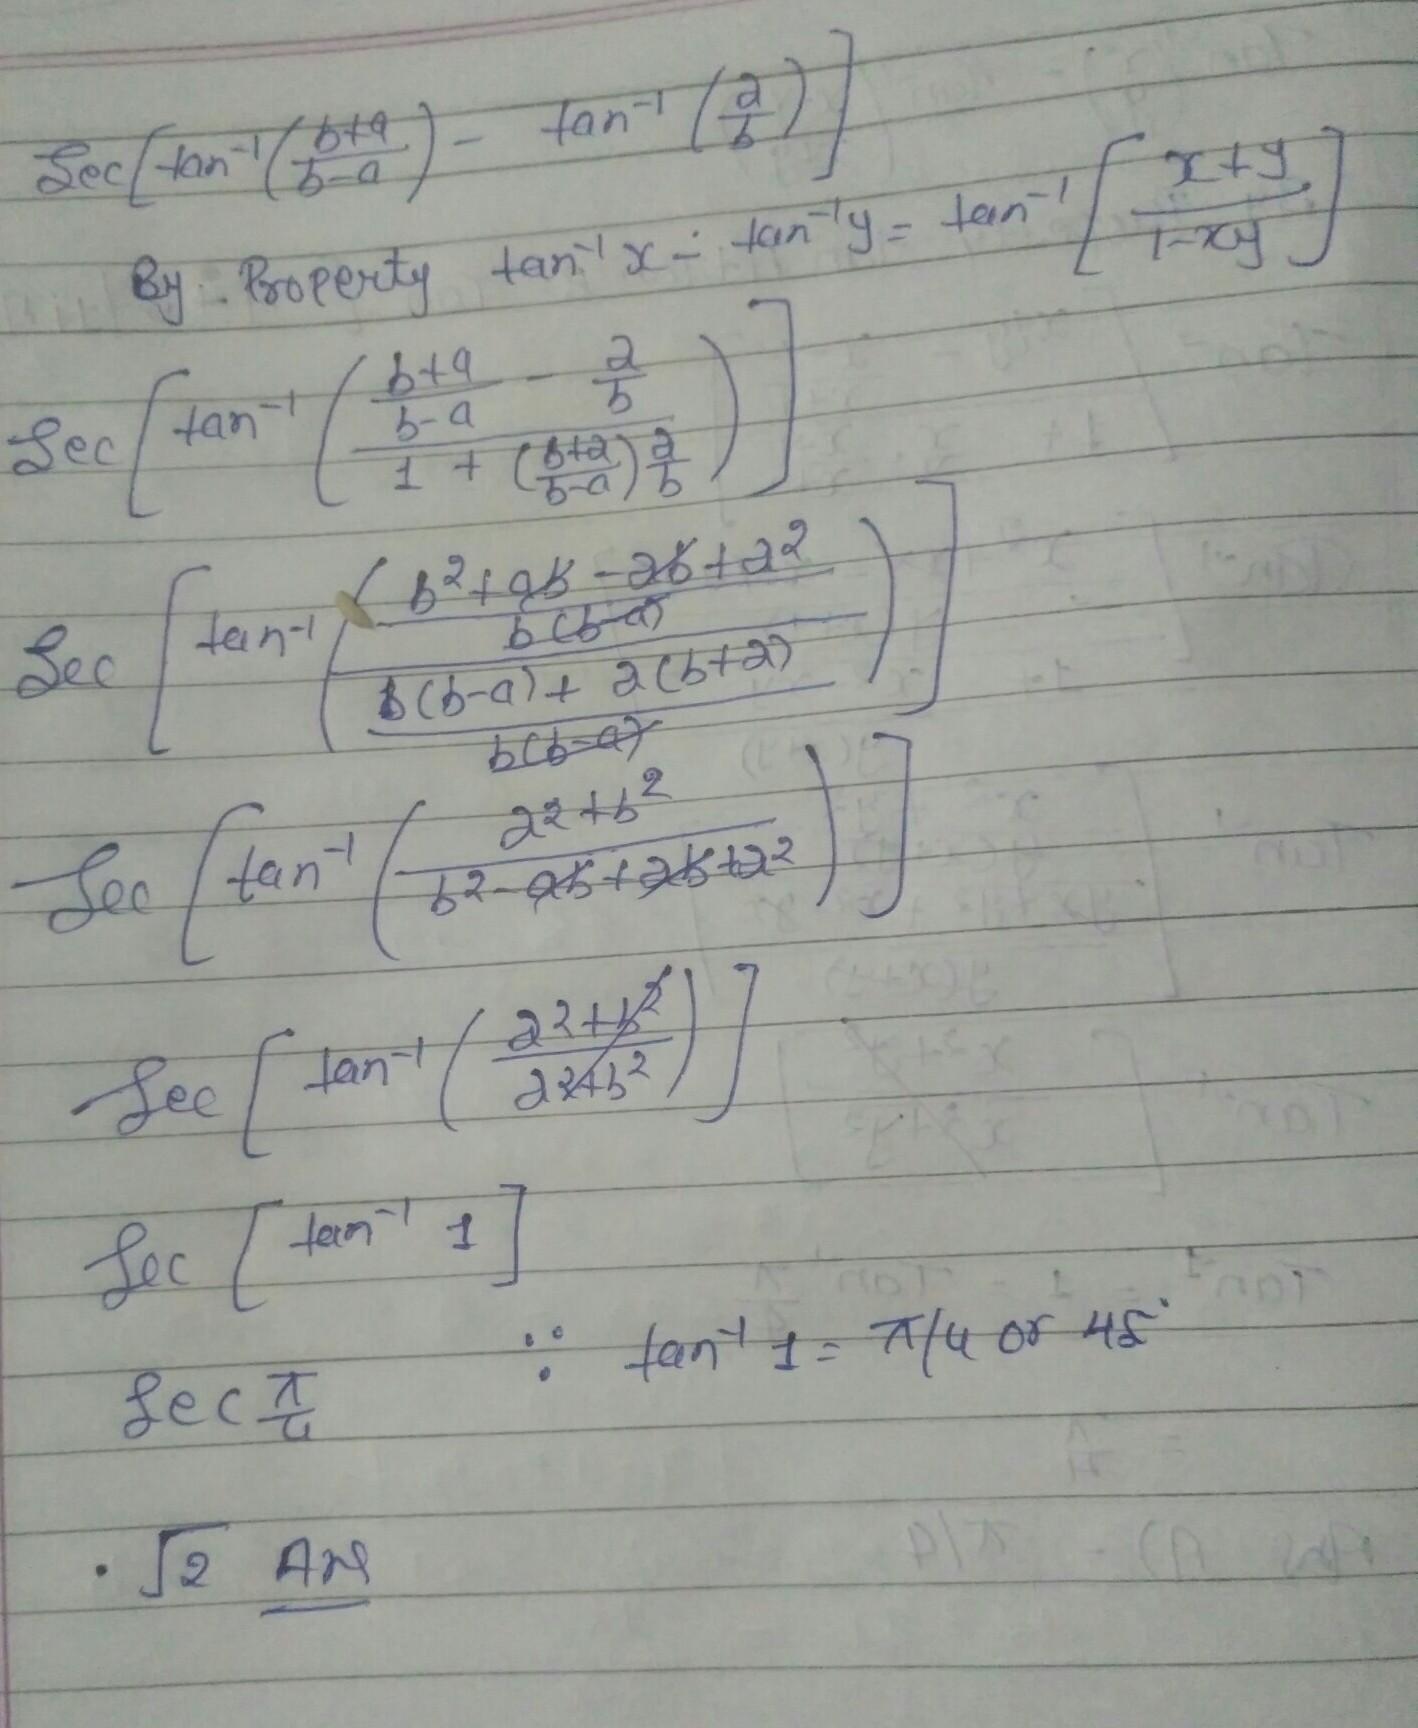 The value of sec[tan⁻¹(b+a/b-a)- tan⁻¹(a/b)] is